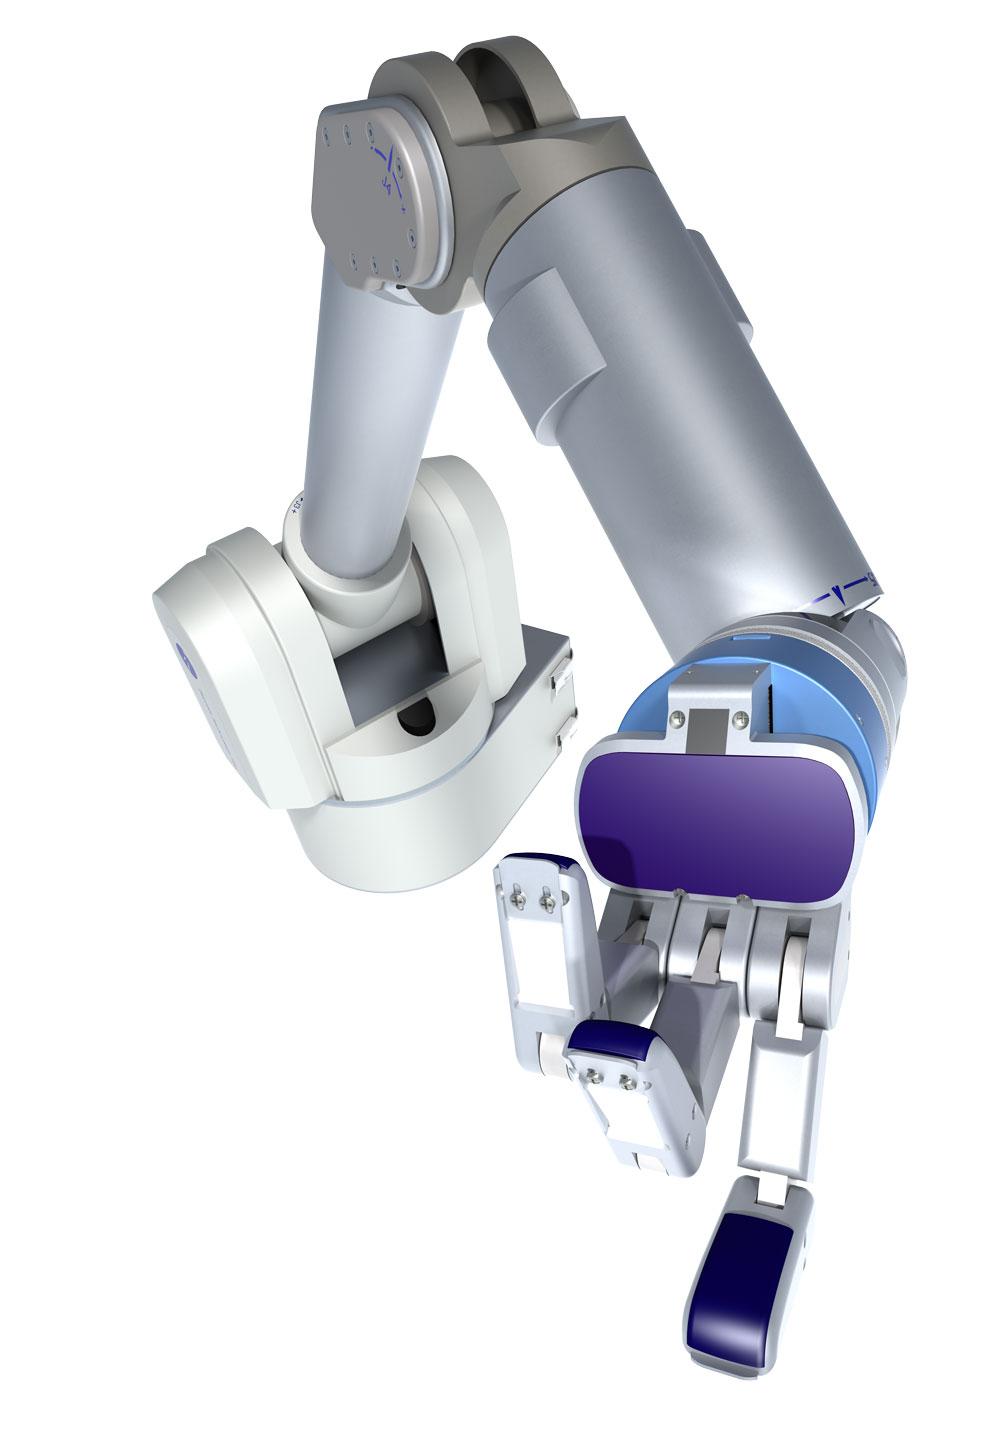 In 2010 Barrett exceeds $40m in worldwide sales of robots.